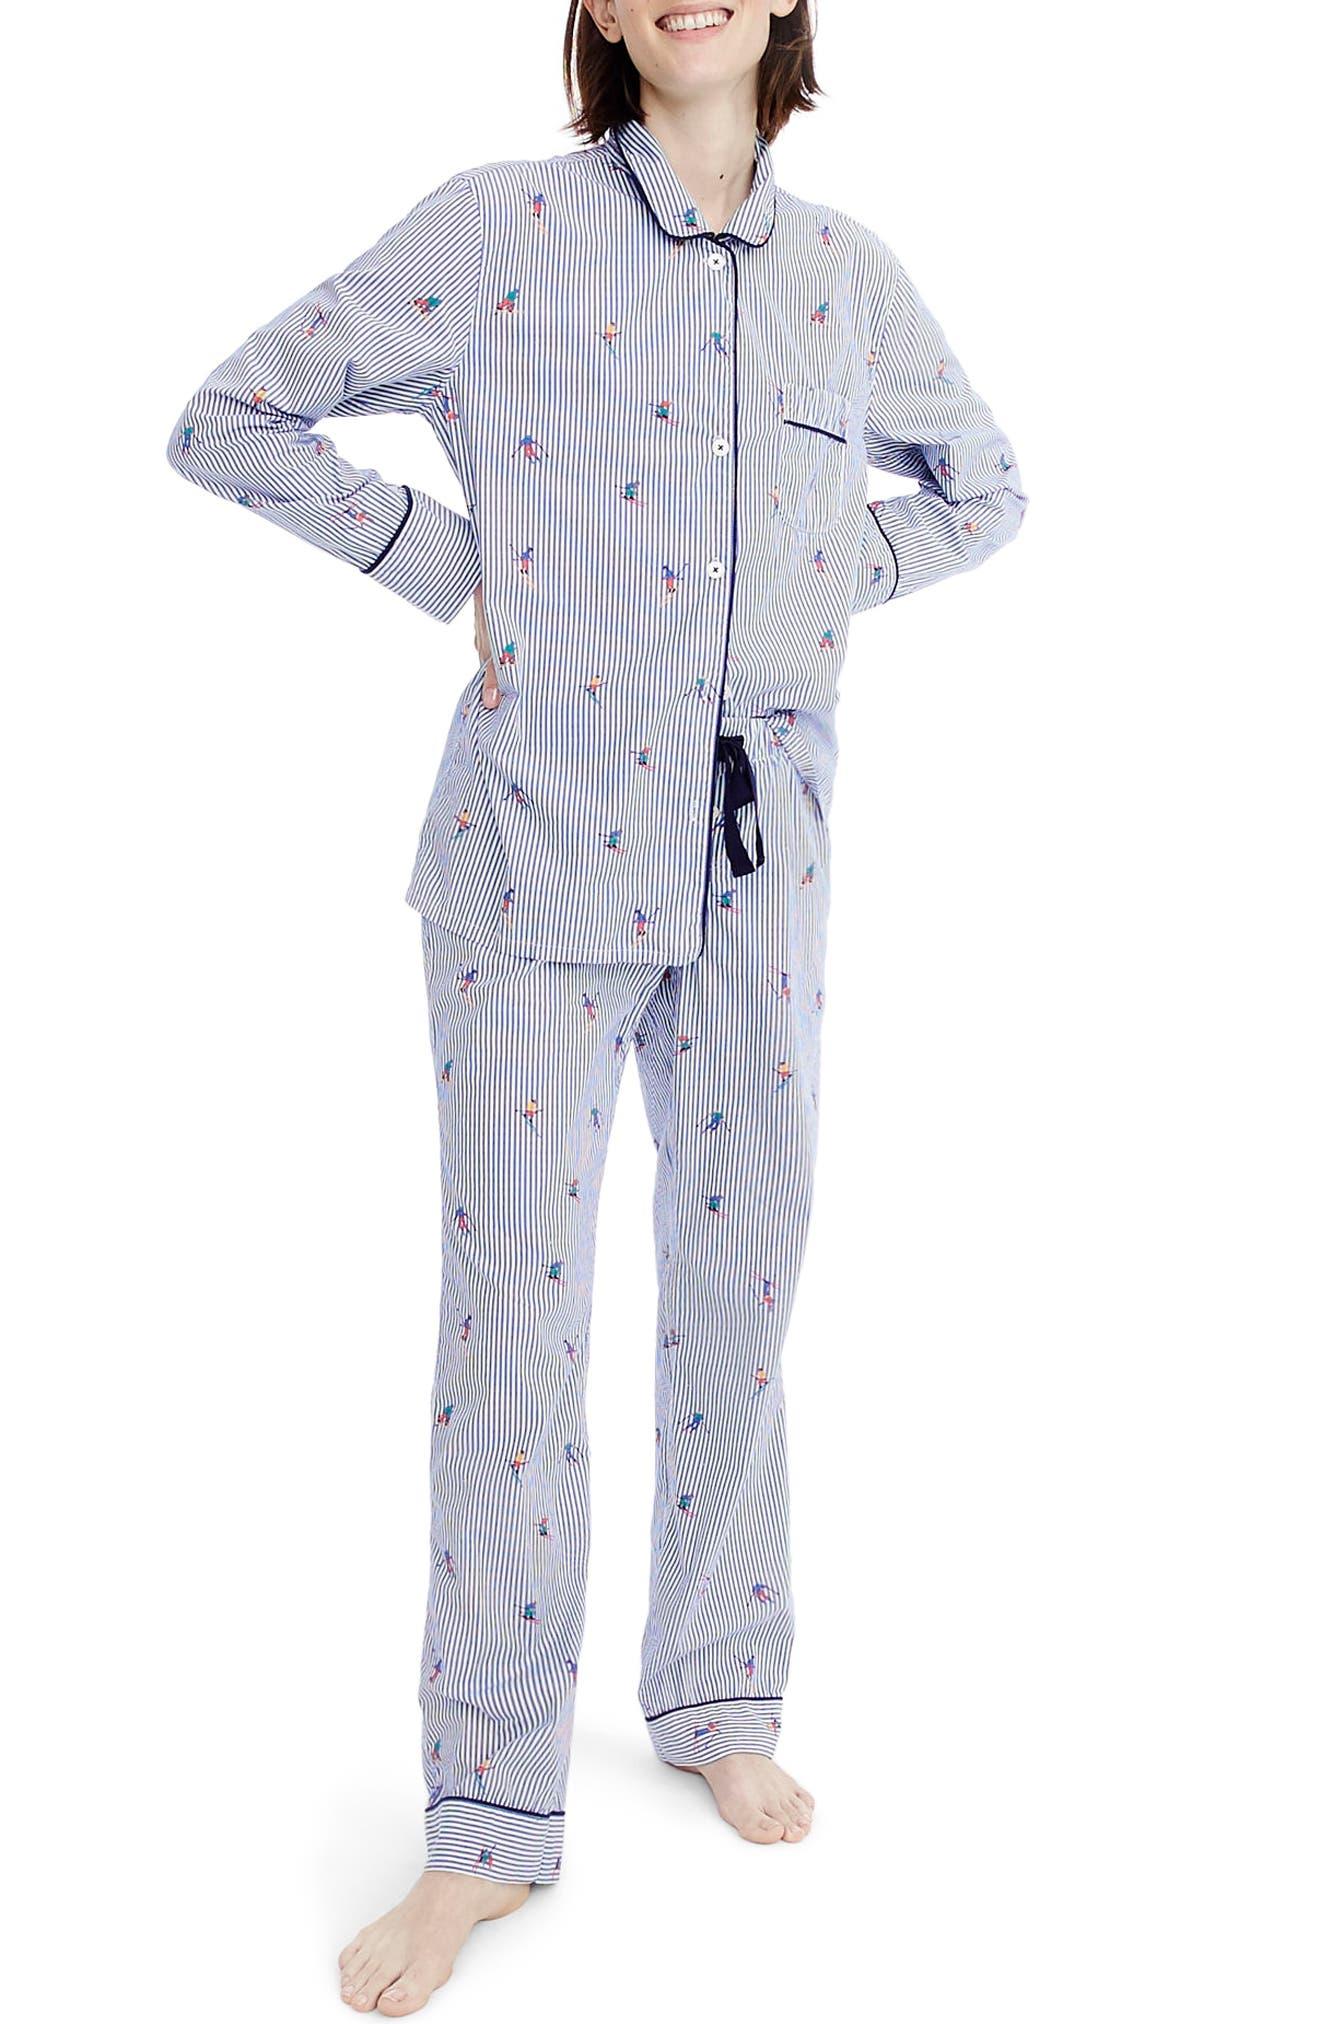 Alternate Image 1 Selected - J.Crew Skier Pajamas